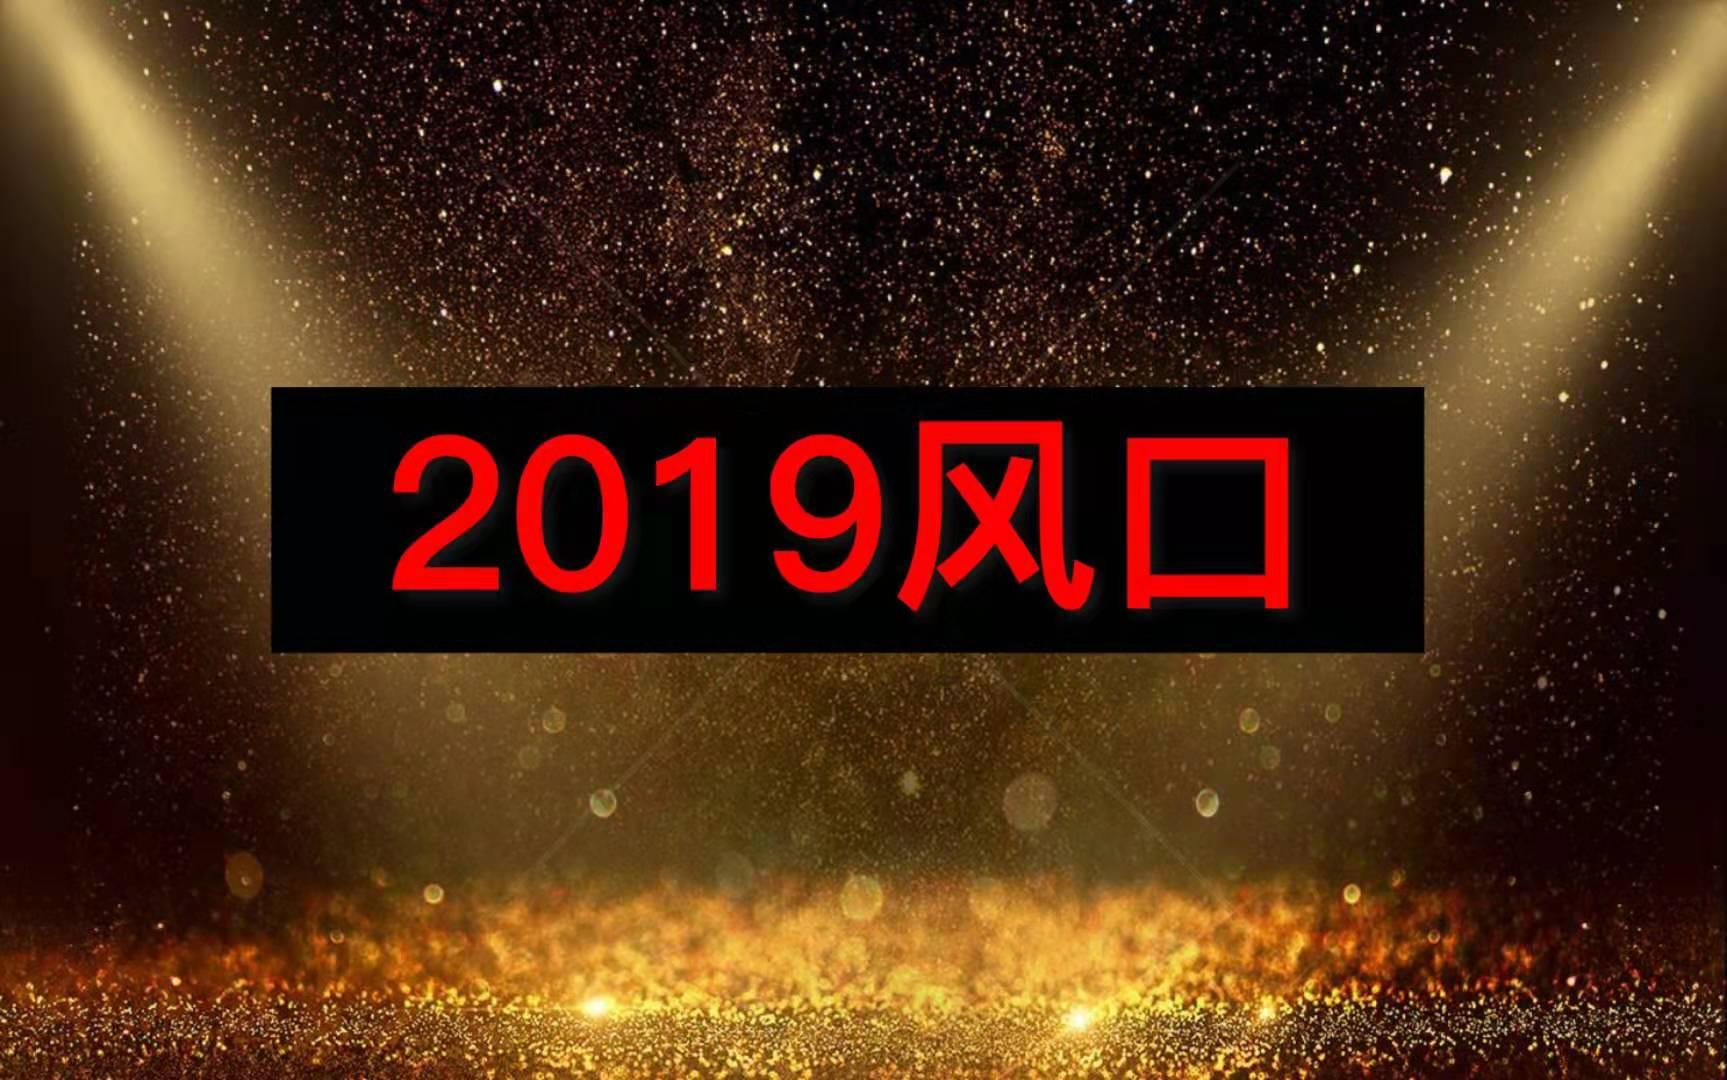 郑刚:聊聊2019互联网创业模式有哪些?